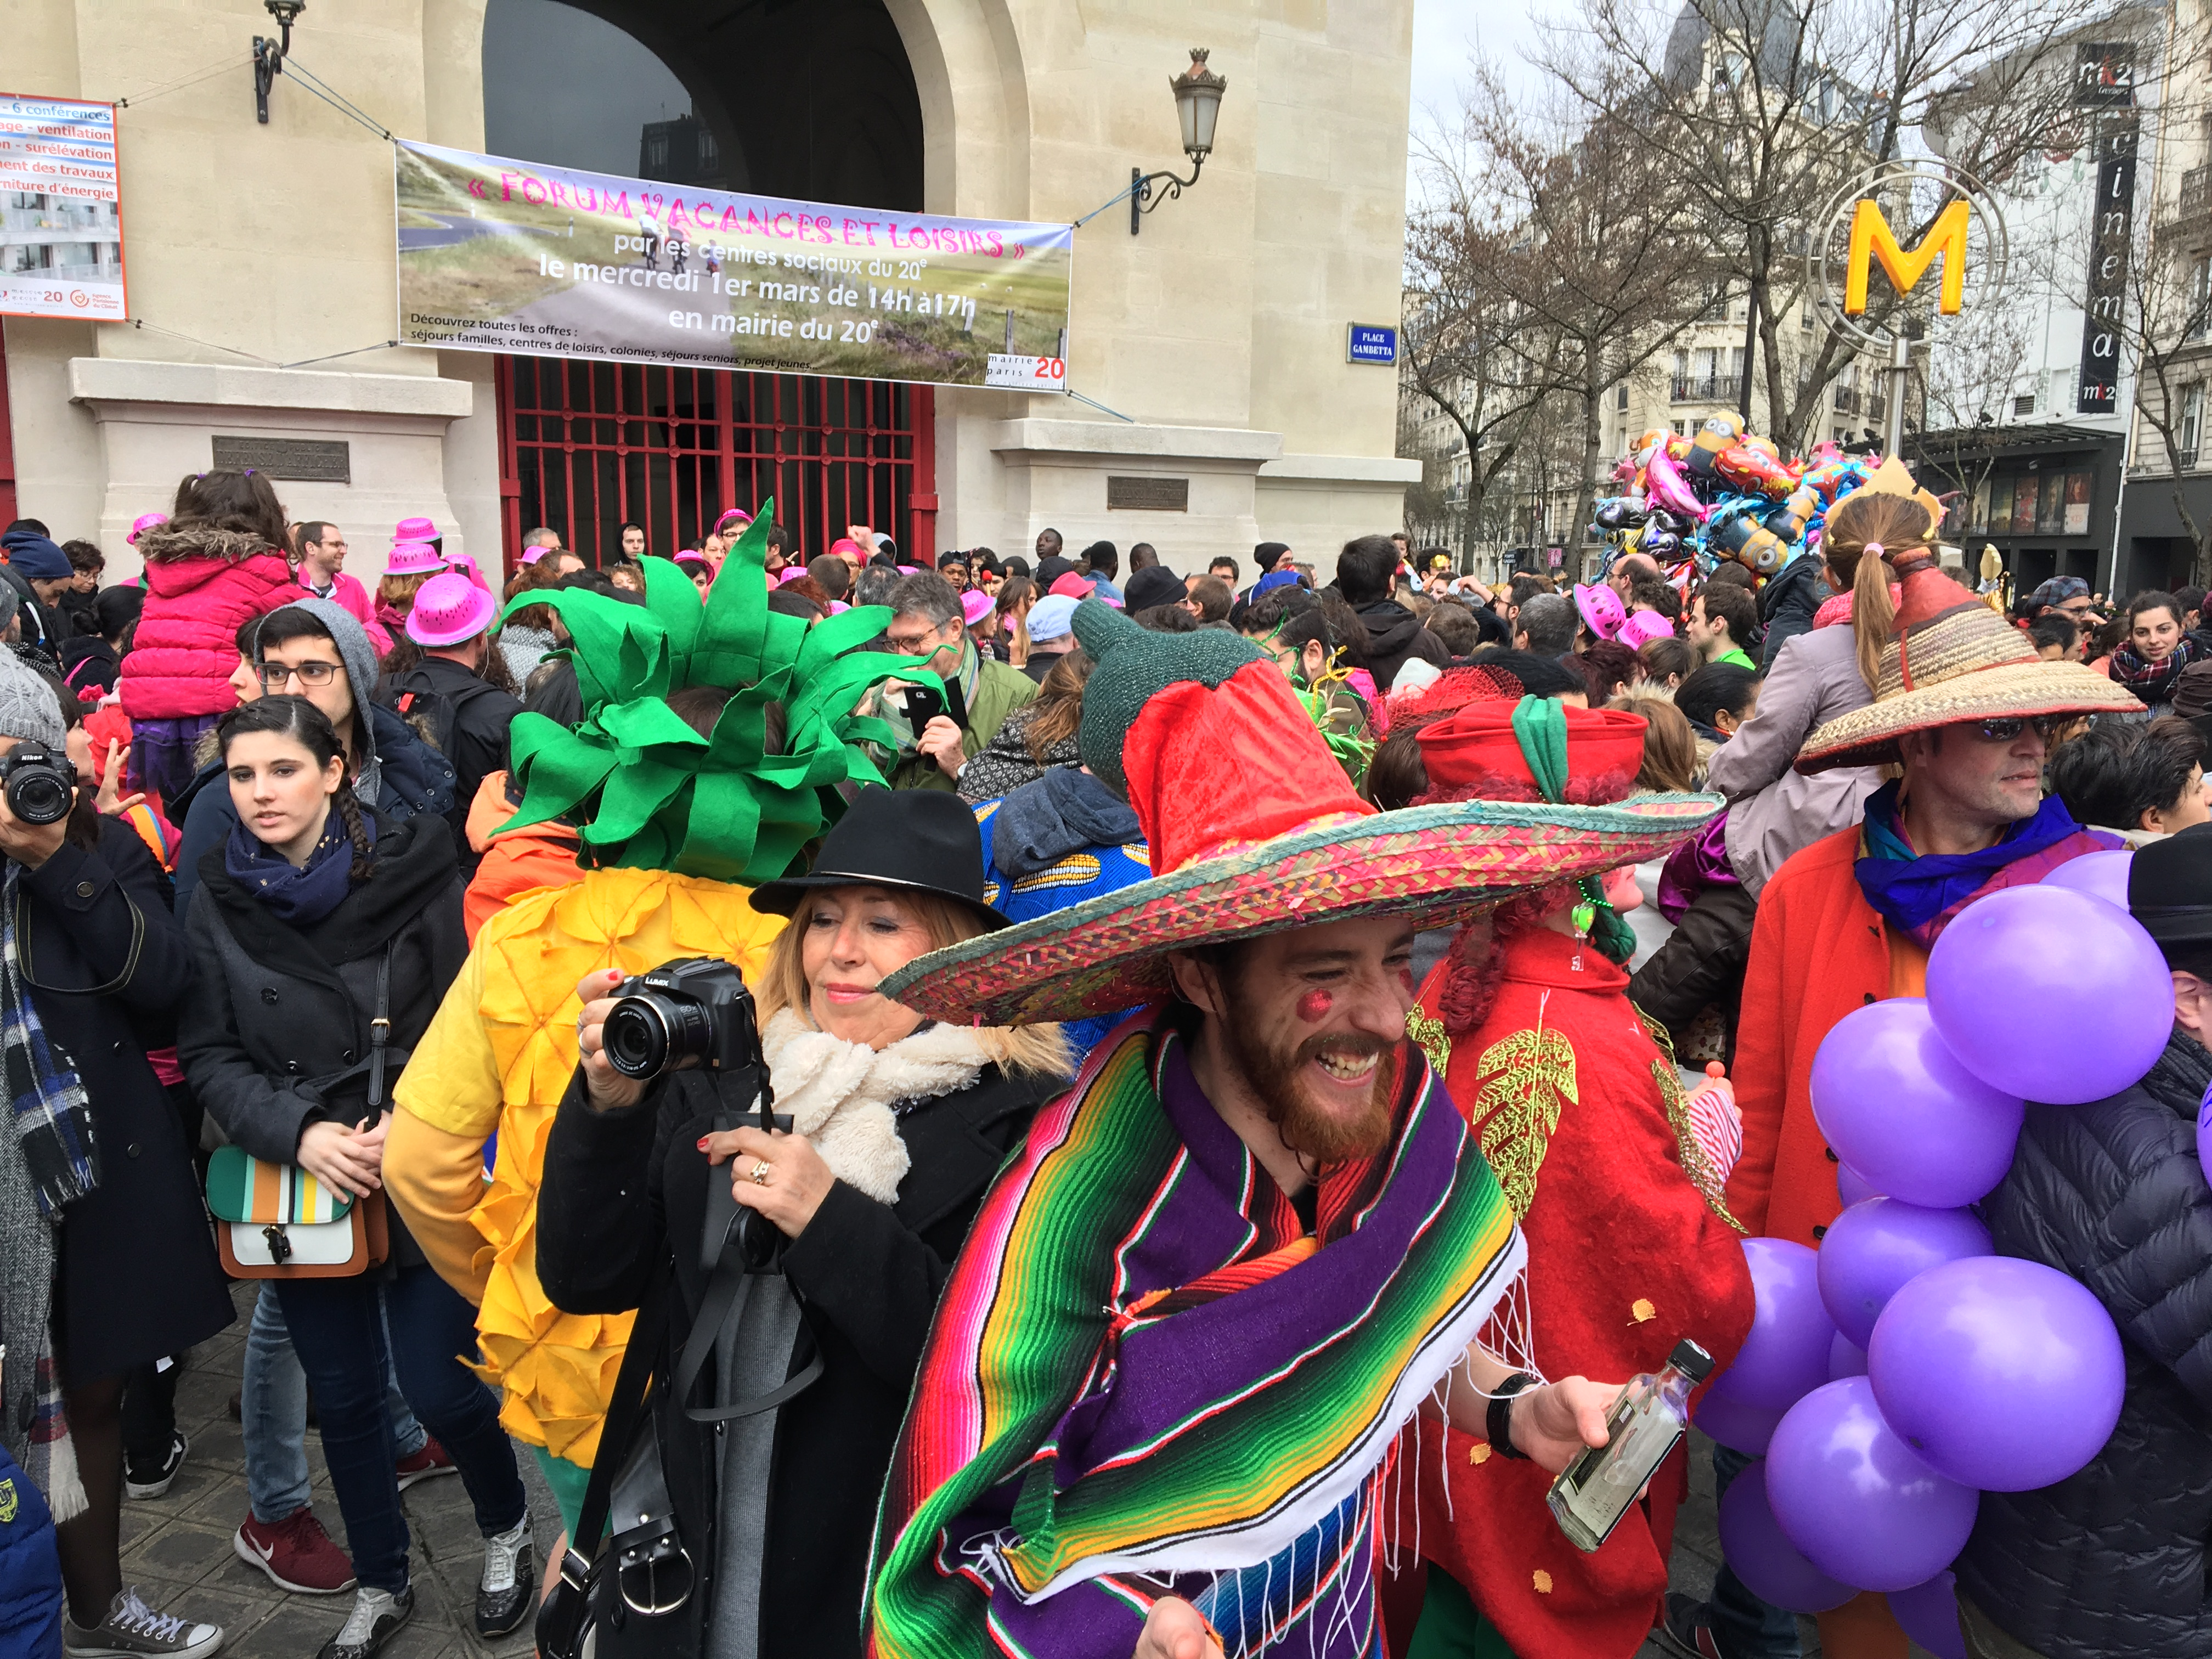 Photos du carnaval de paris 2017 re ues de jp carnaval - Carnaval de paris 2017 ...